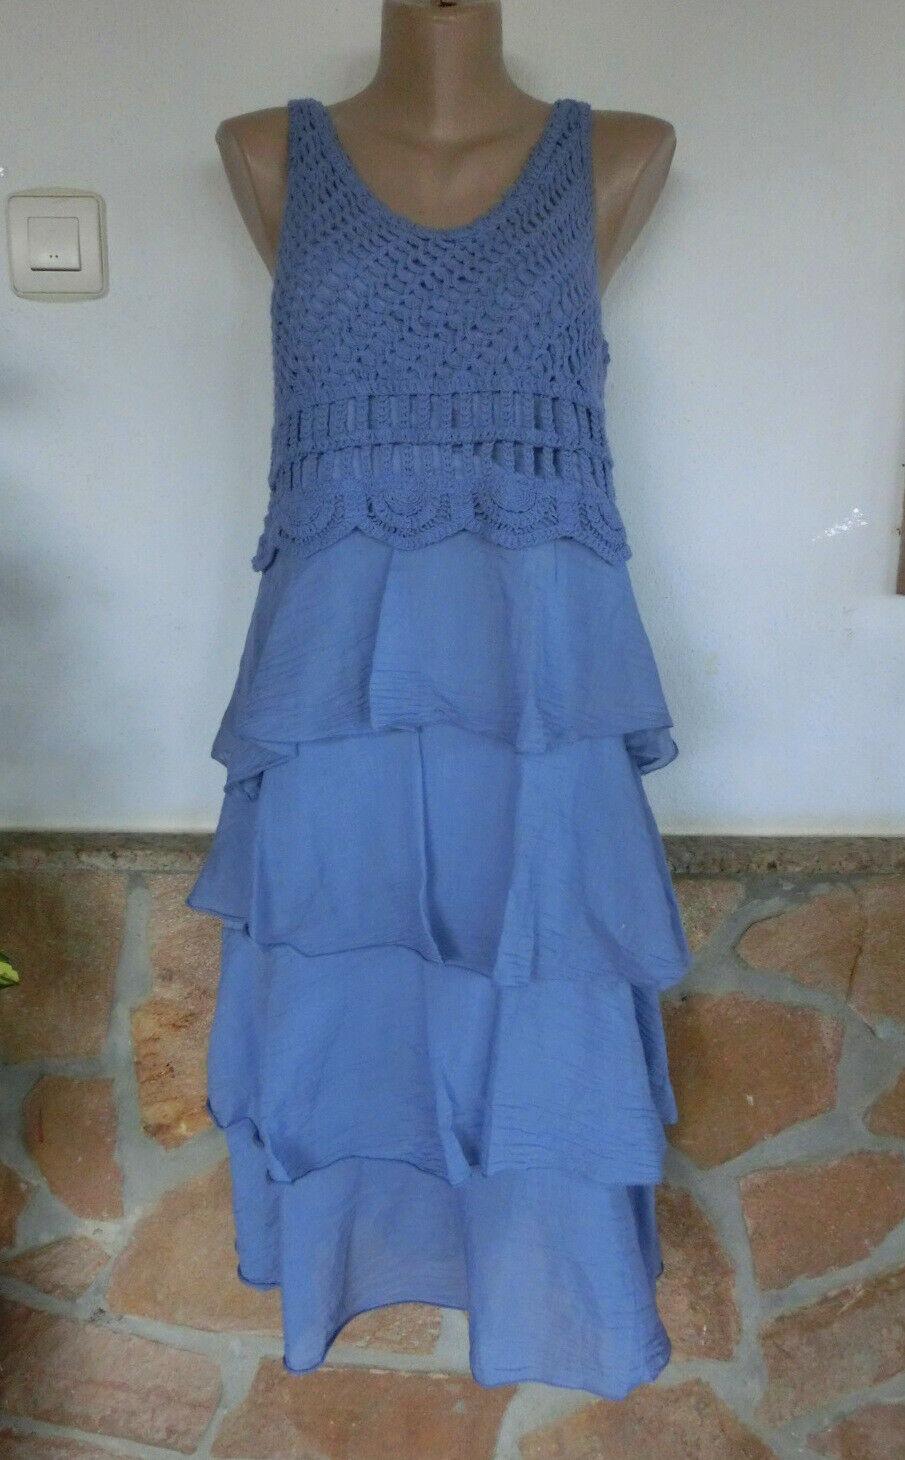 Kleid Elisa Süß BeInn Häkeloberteil Volants Seide Viskose blue EG 38-40-42